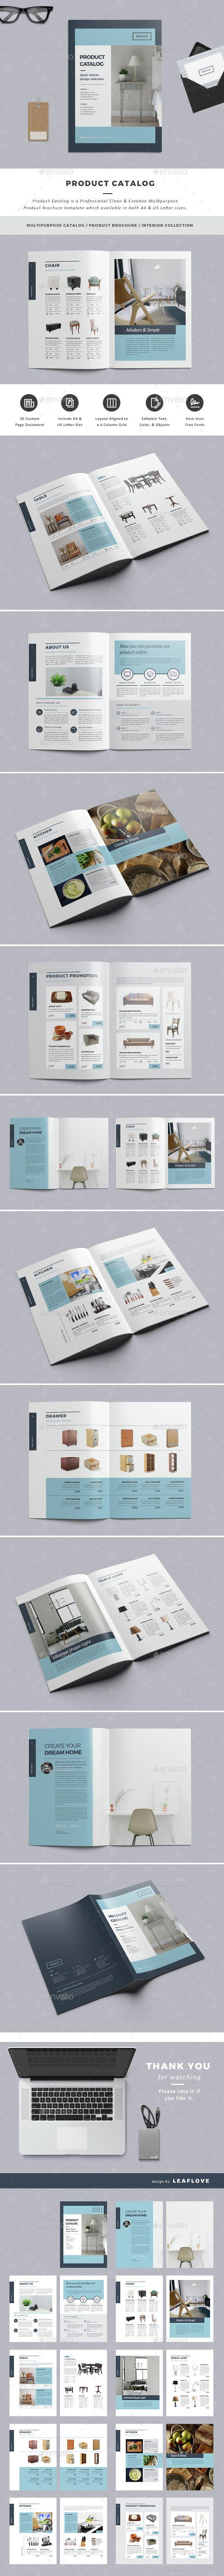 Product Catalog | Catálogo, Diseño editorial y Editorial